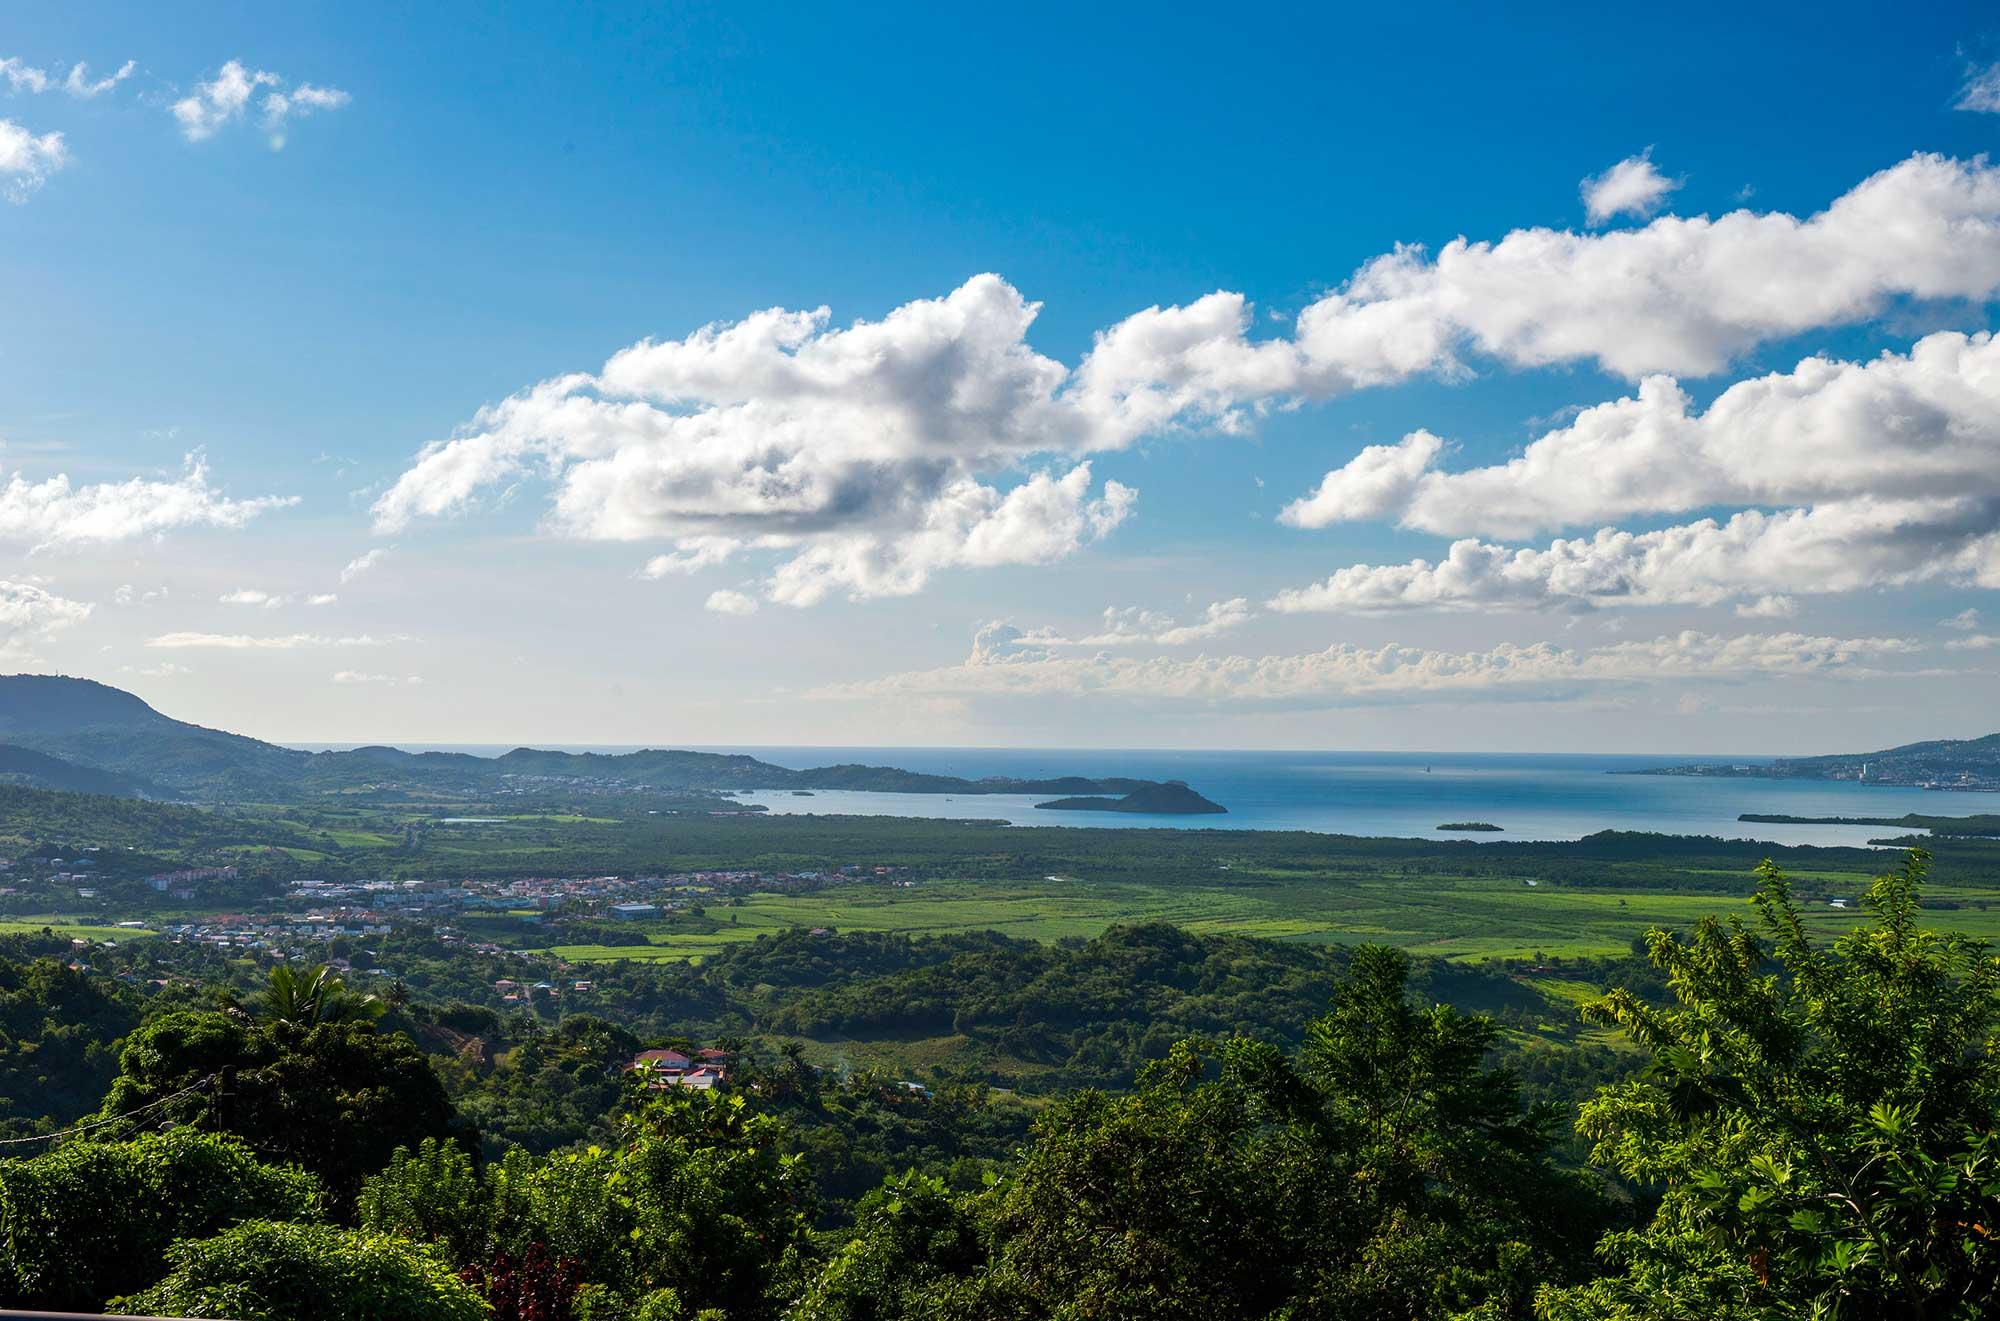 Les champs, la rivière et la mer - Rivière-Salée Martinique